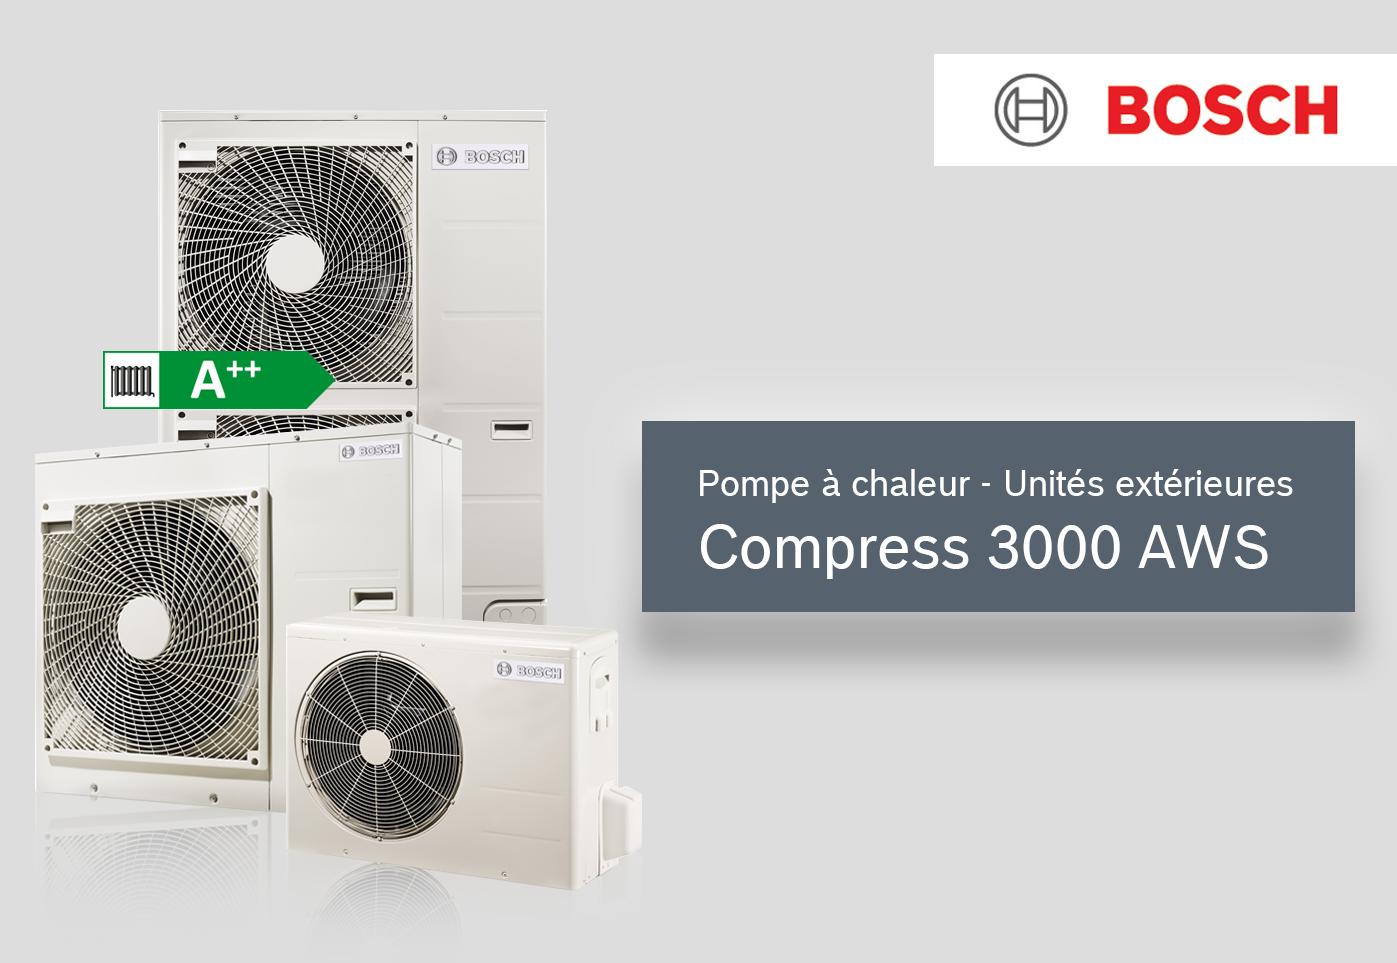 COMPRESS 3000 AWS unité extérieure